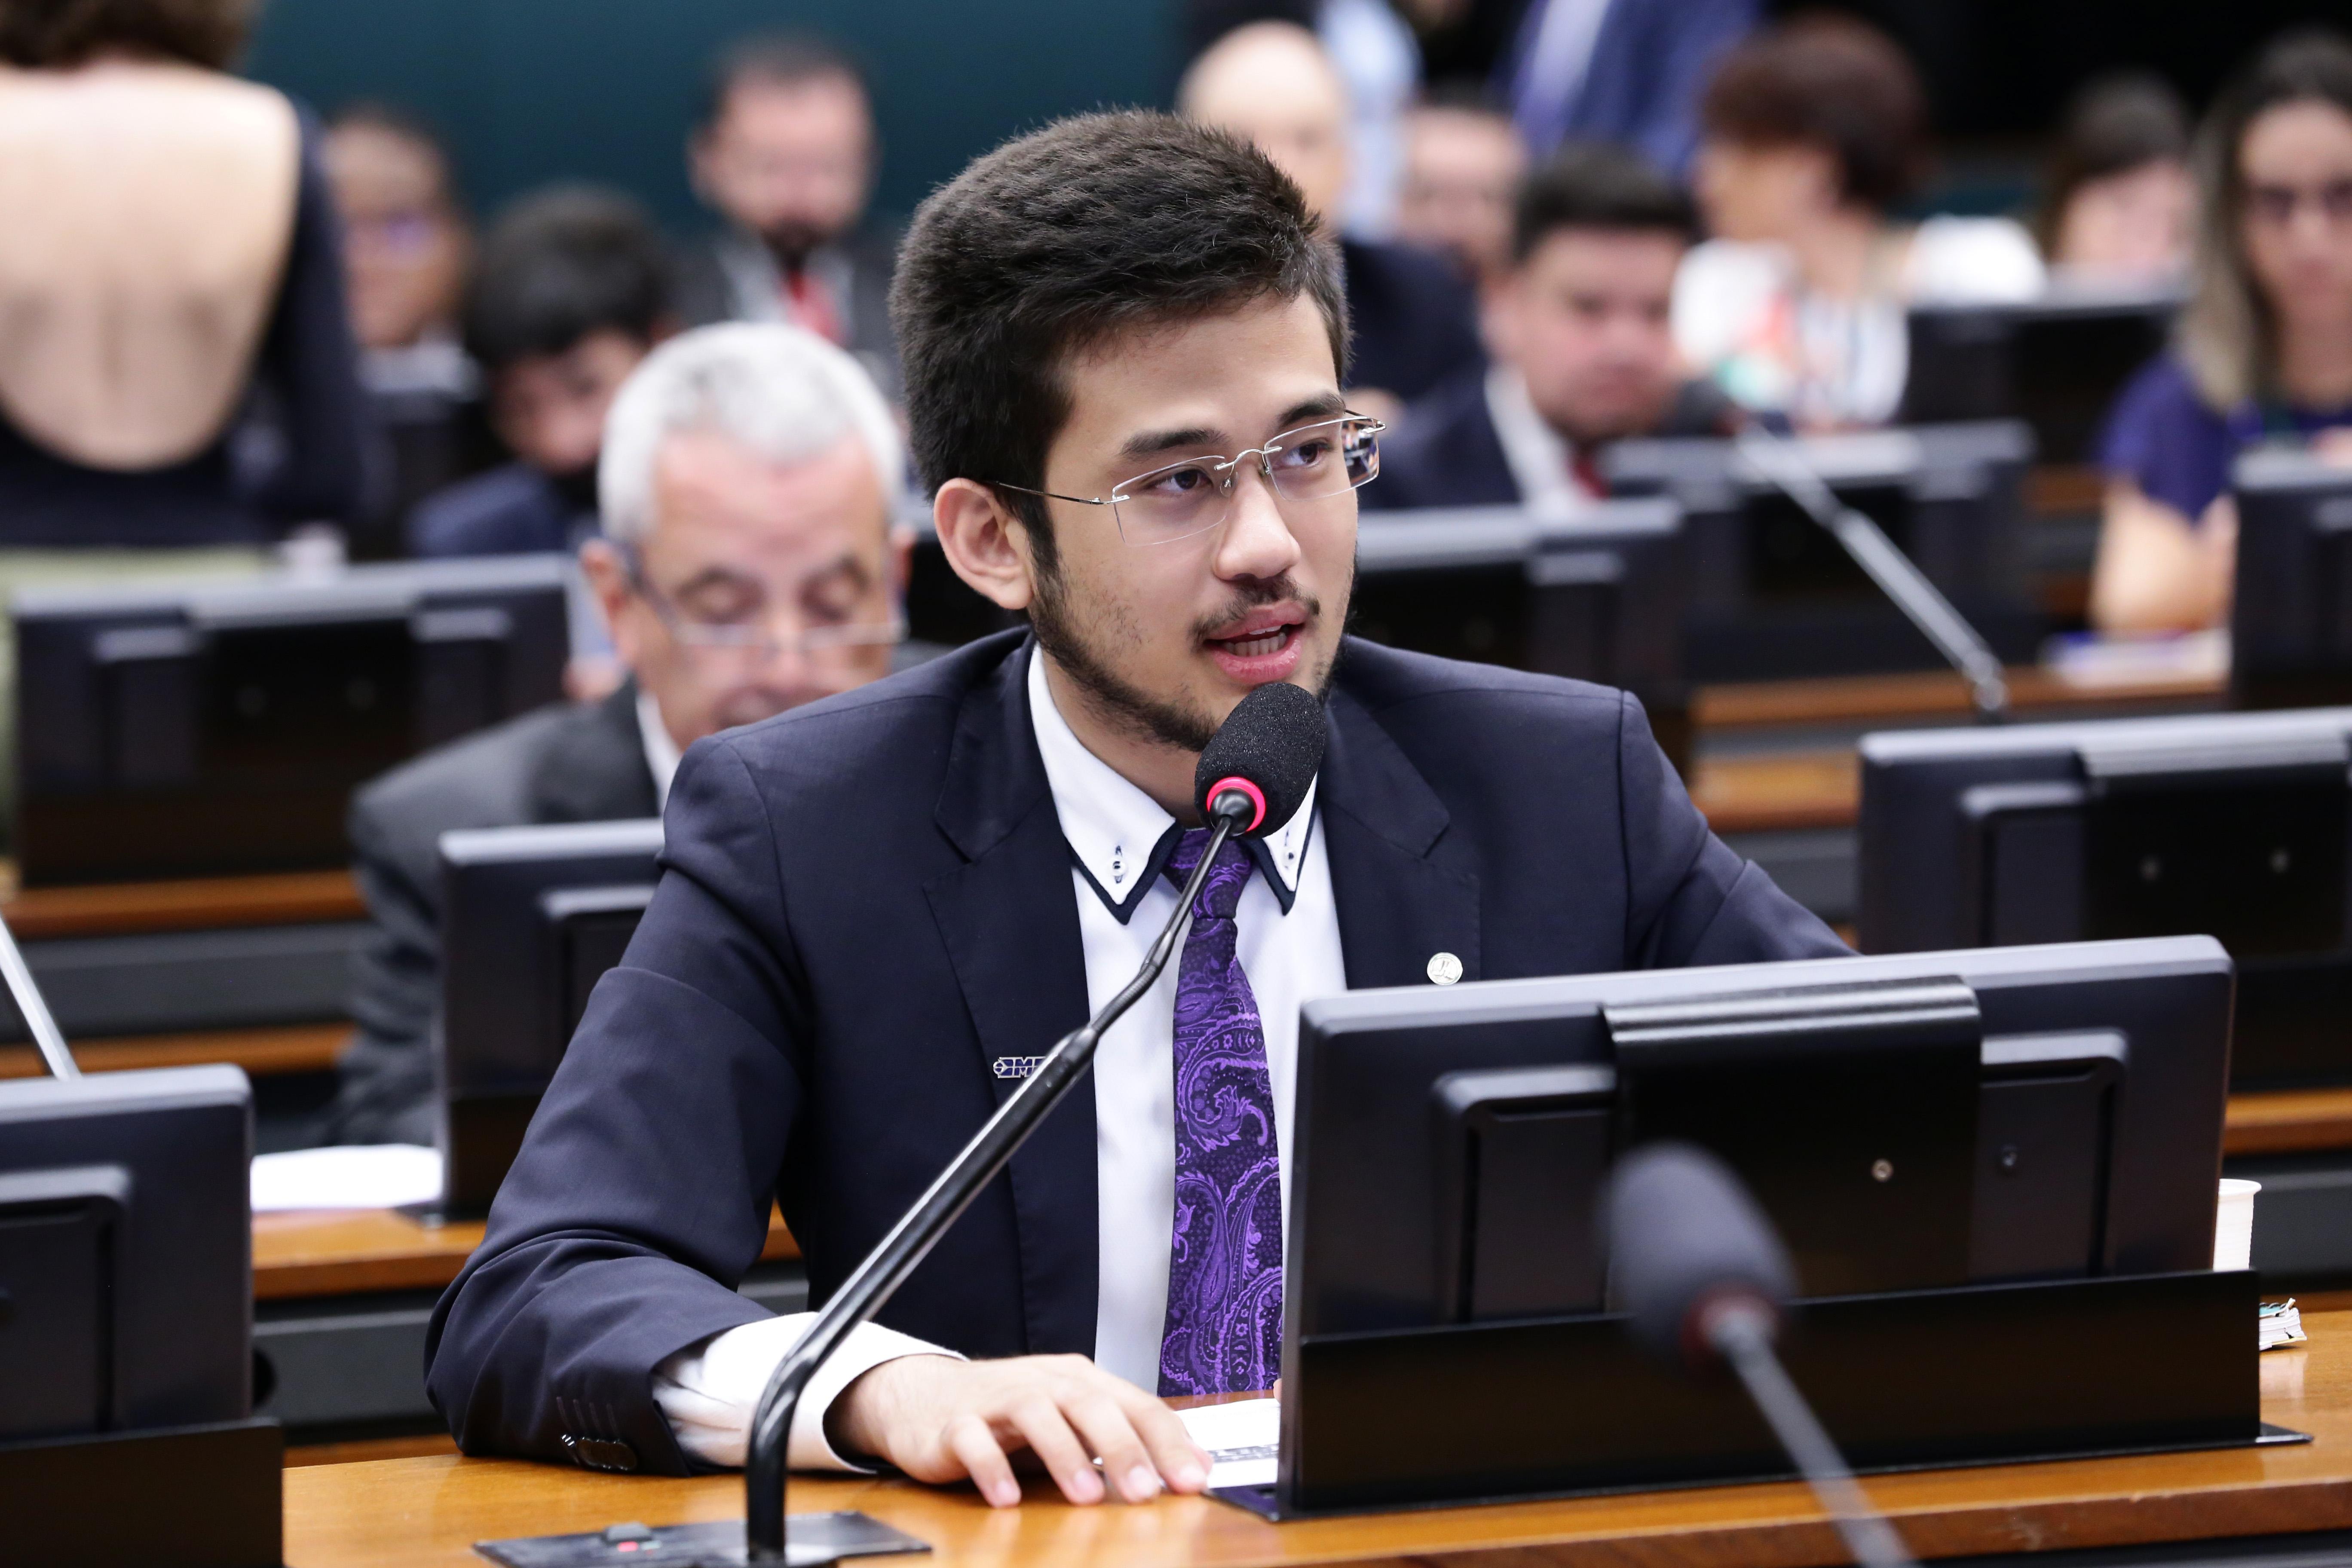 Reunião Ordinária para eleição de 2º e 3º Vice-Presidentes e deliberação de proposições. Dep. Kim Kataguiri (DEM-SP)